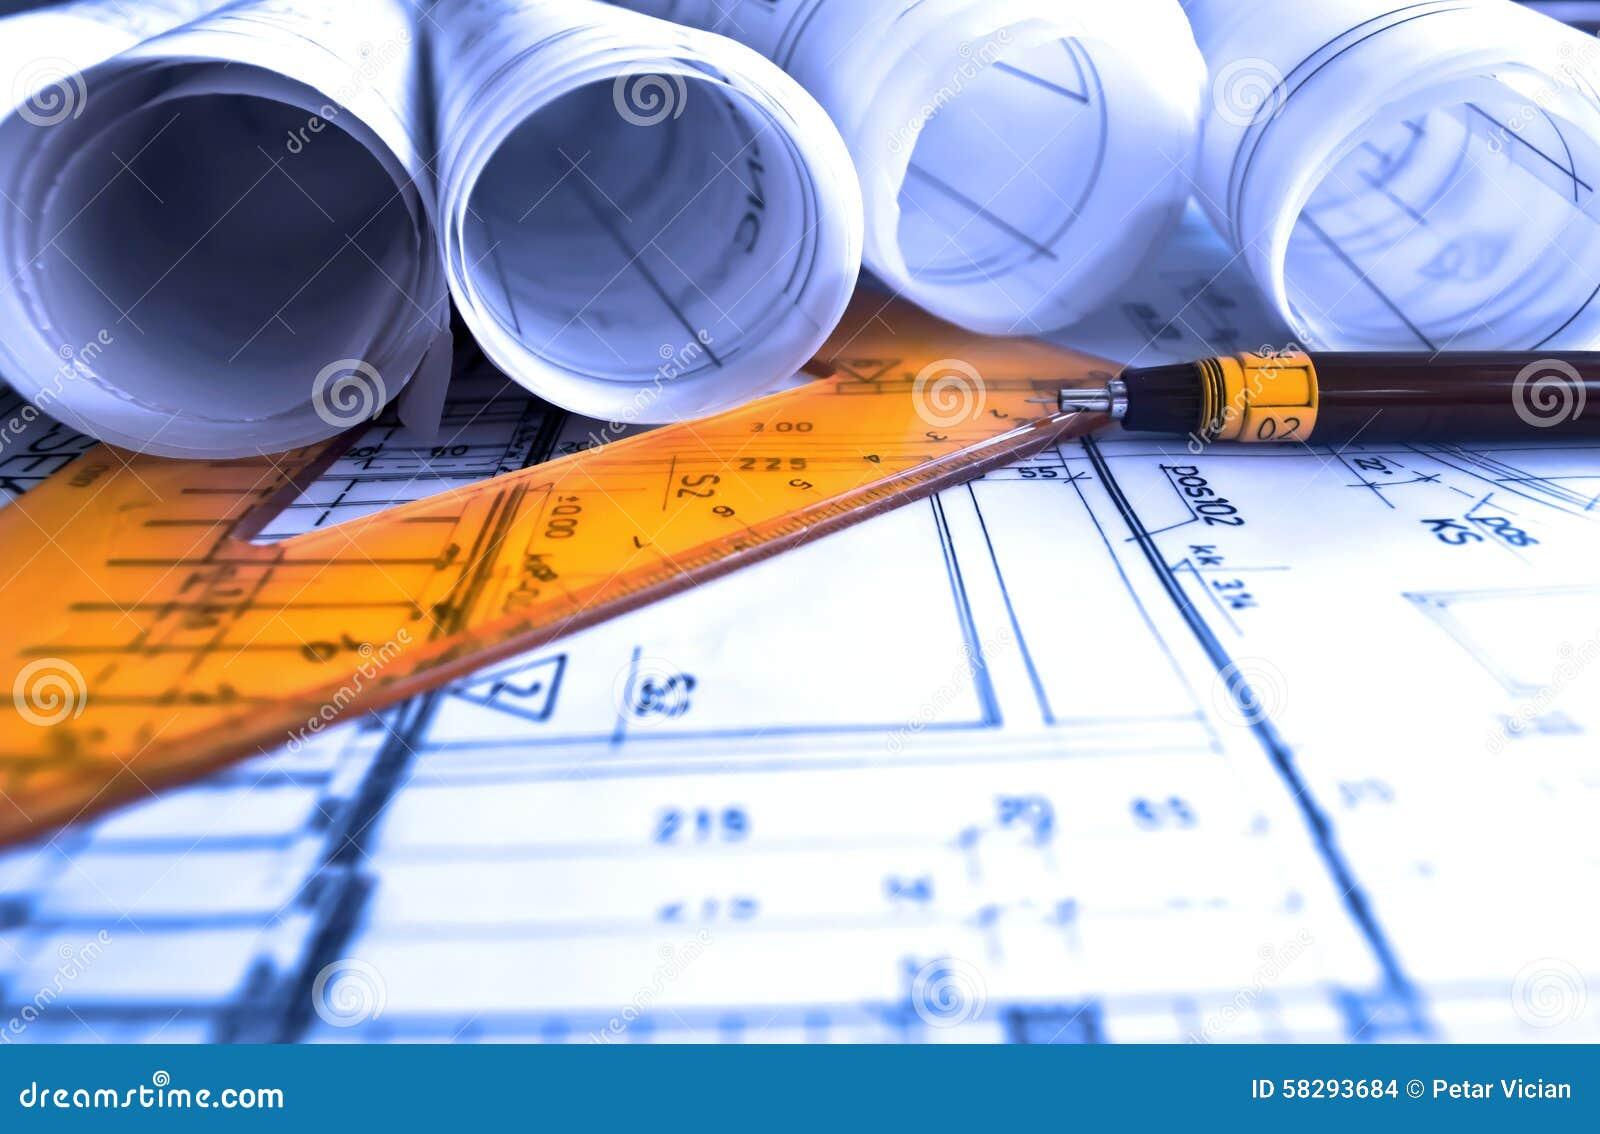 Architektur rollt Architekturplan-Projektarchitekten